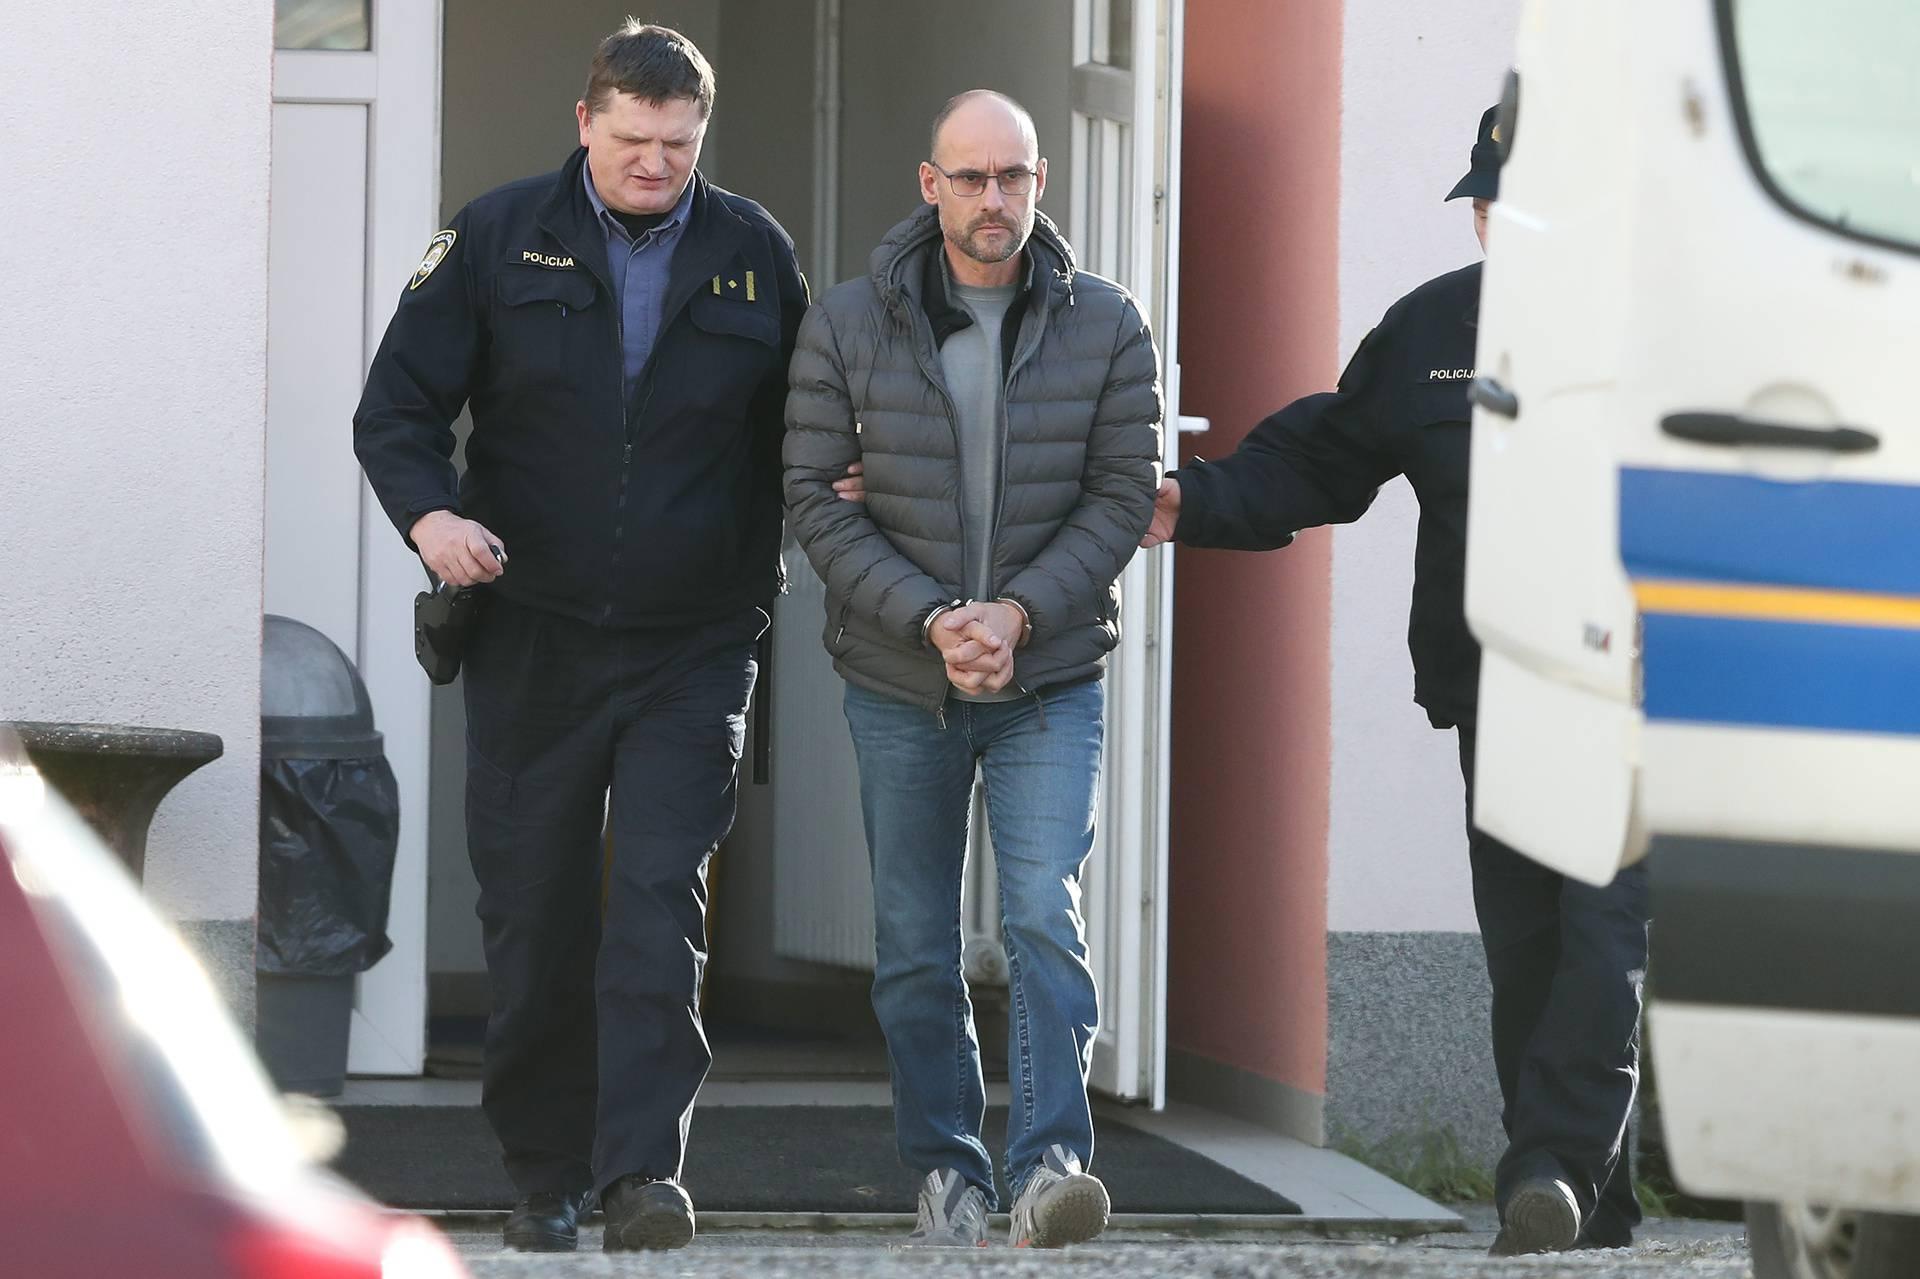 Optužnica za Dedićevo ubojstvo nije potvrđena, tražili su da se izdvoji ključni dokaz protiv Base